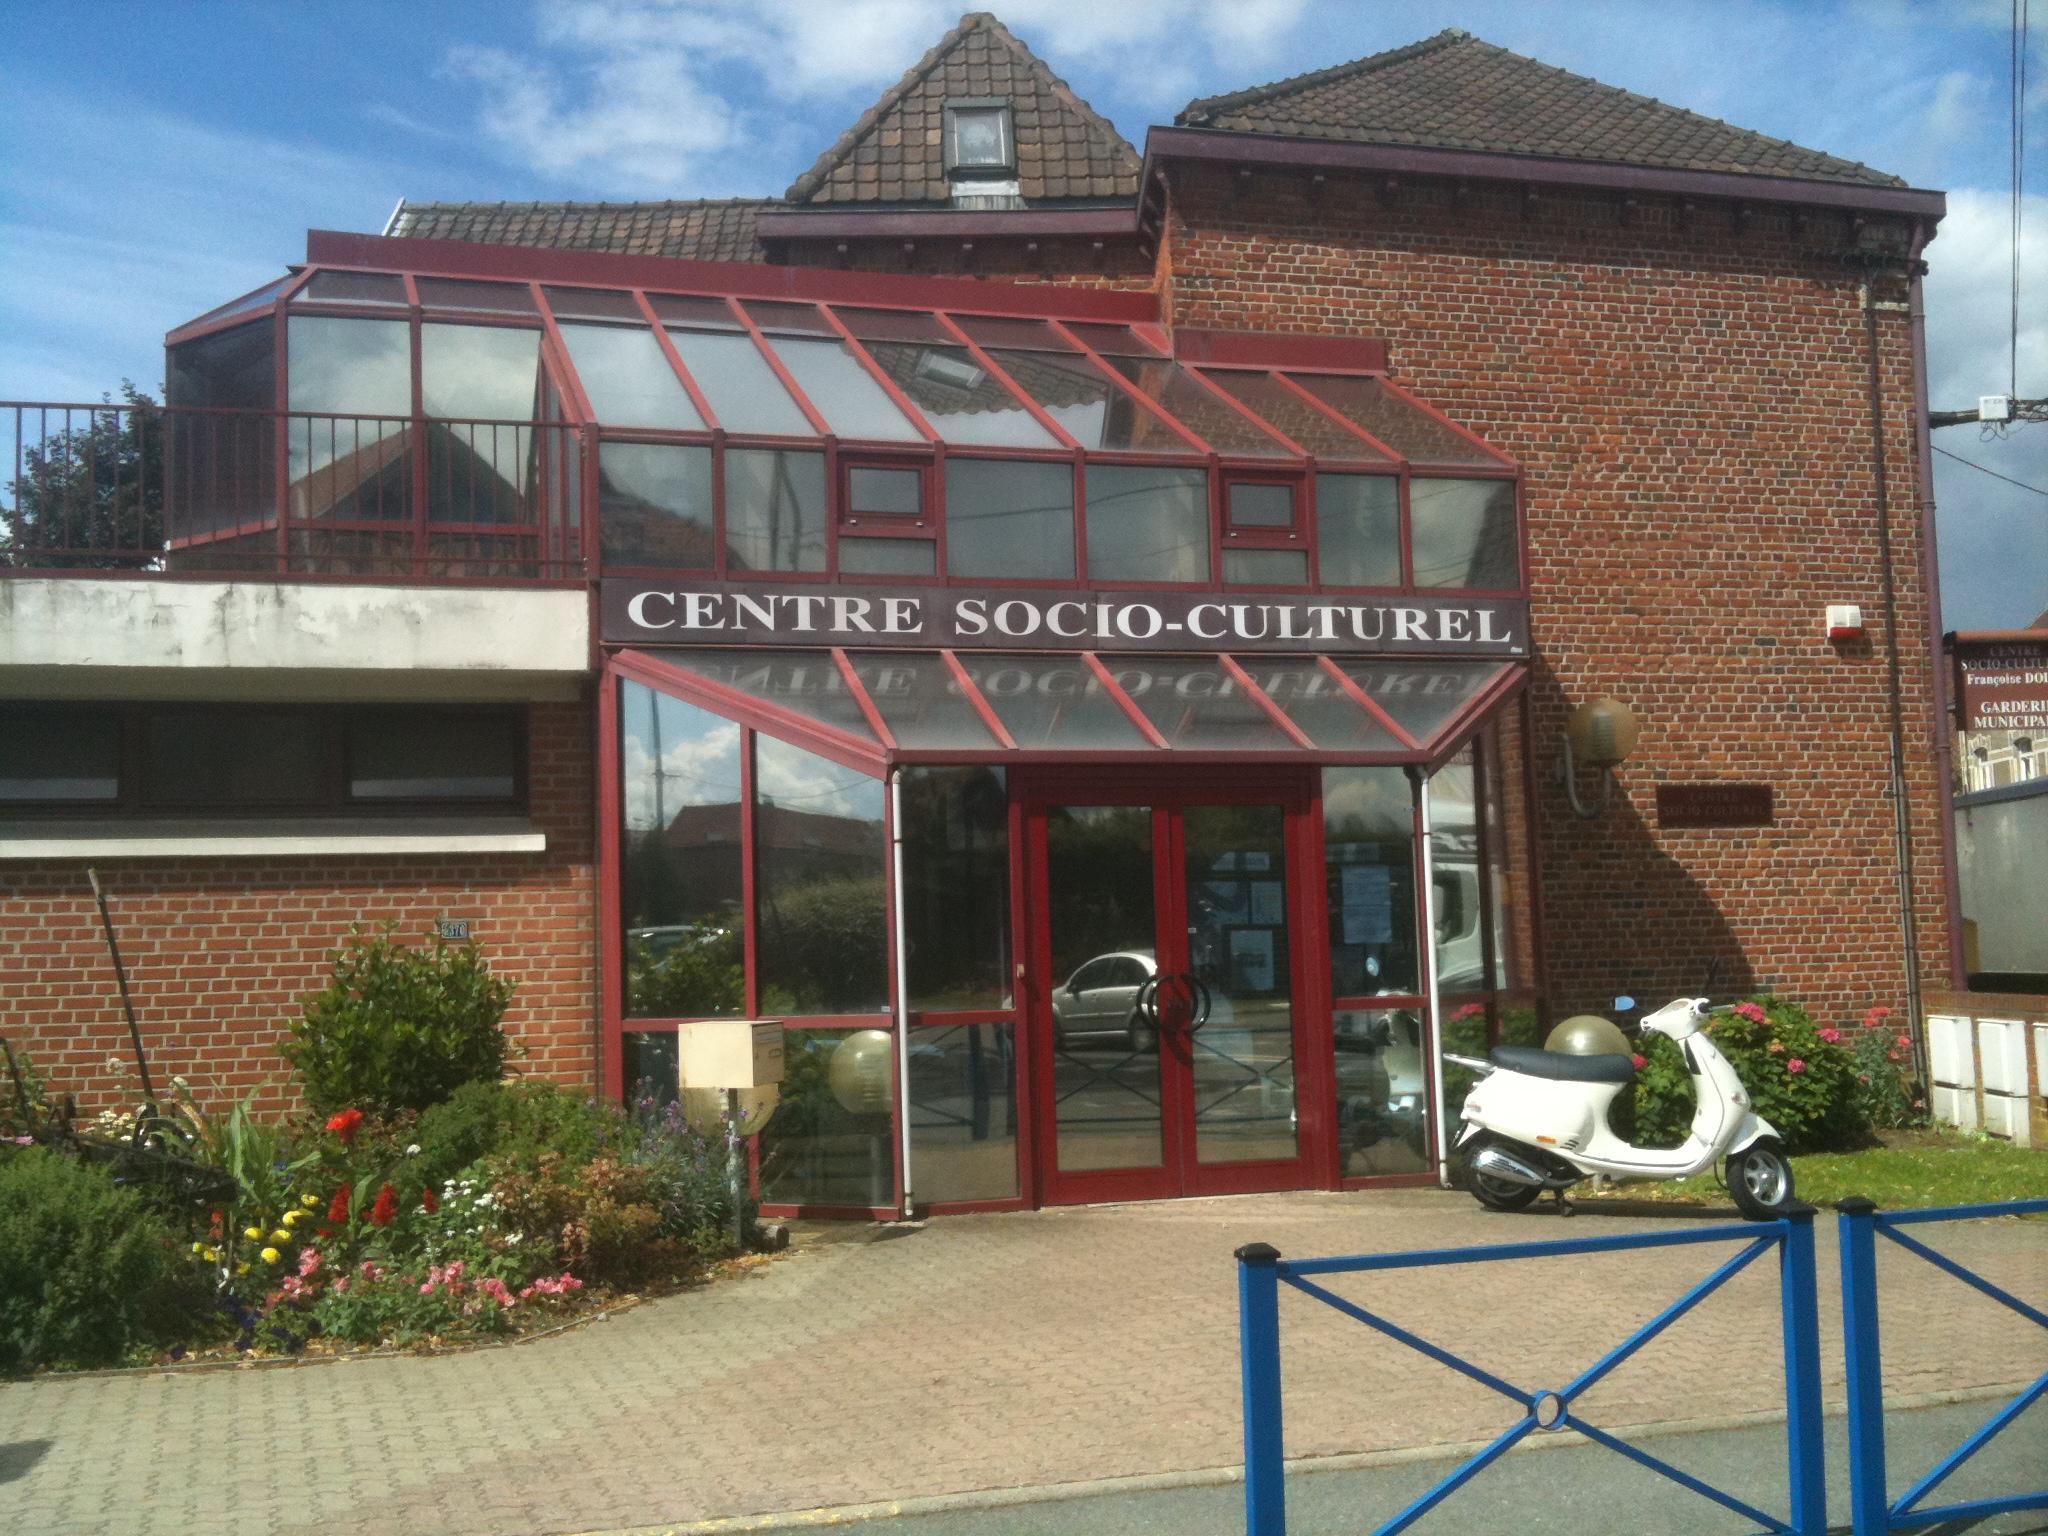 centre socioculturel de Sailly-sur-la-Lys